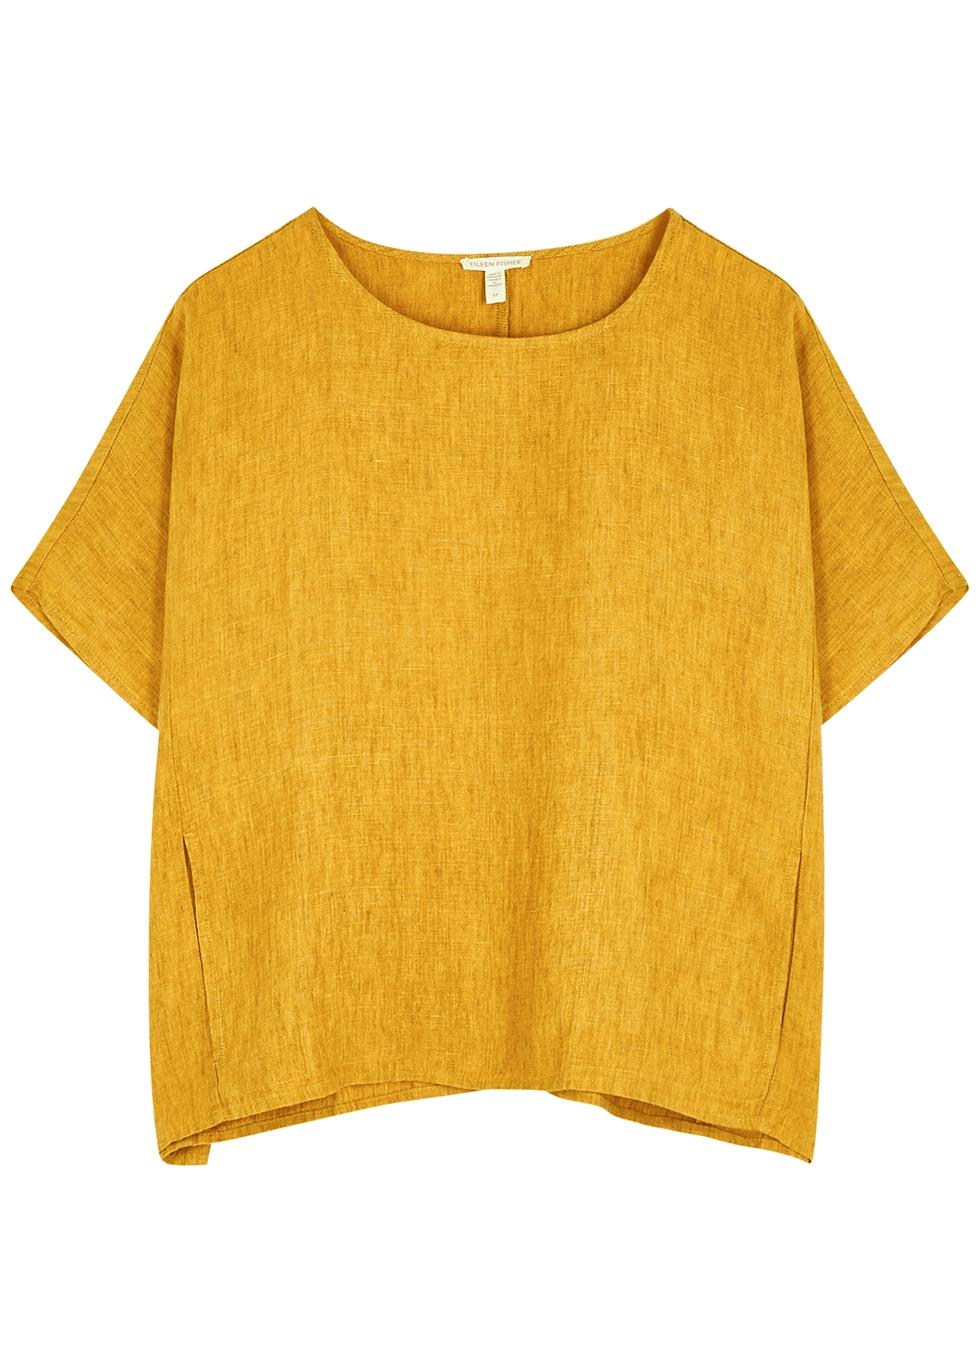 Mustard linen top